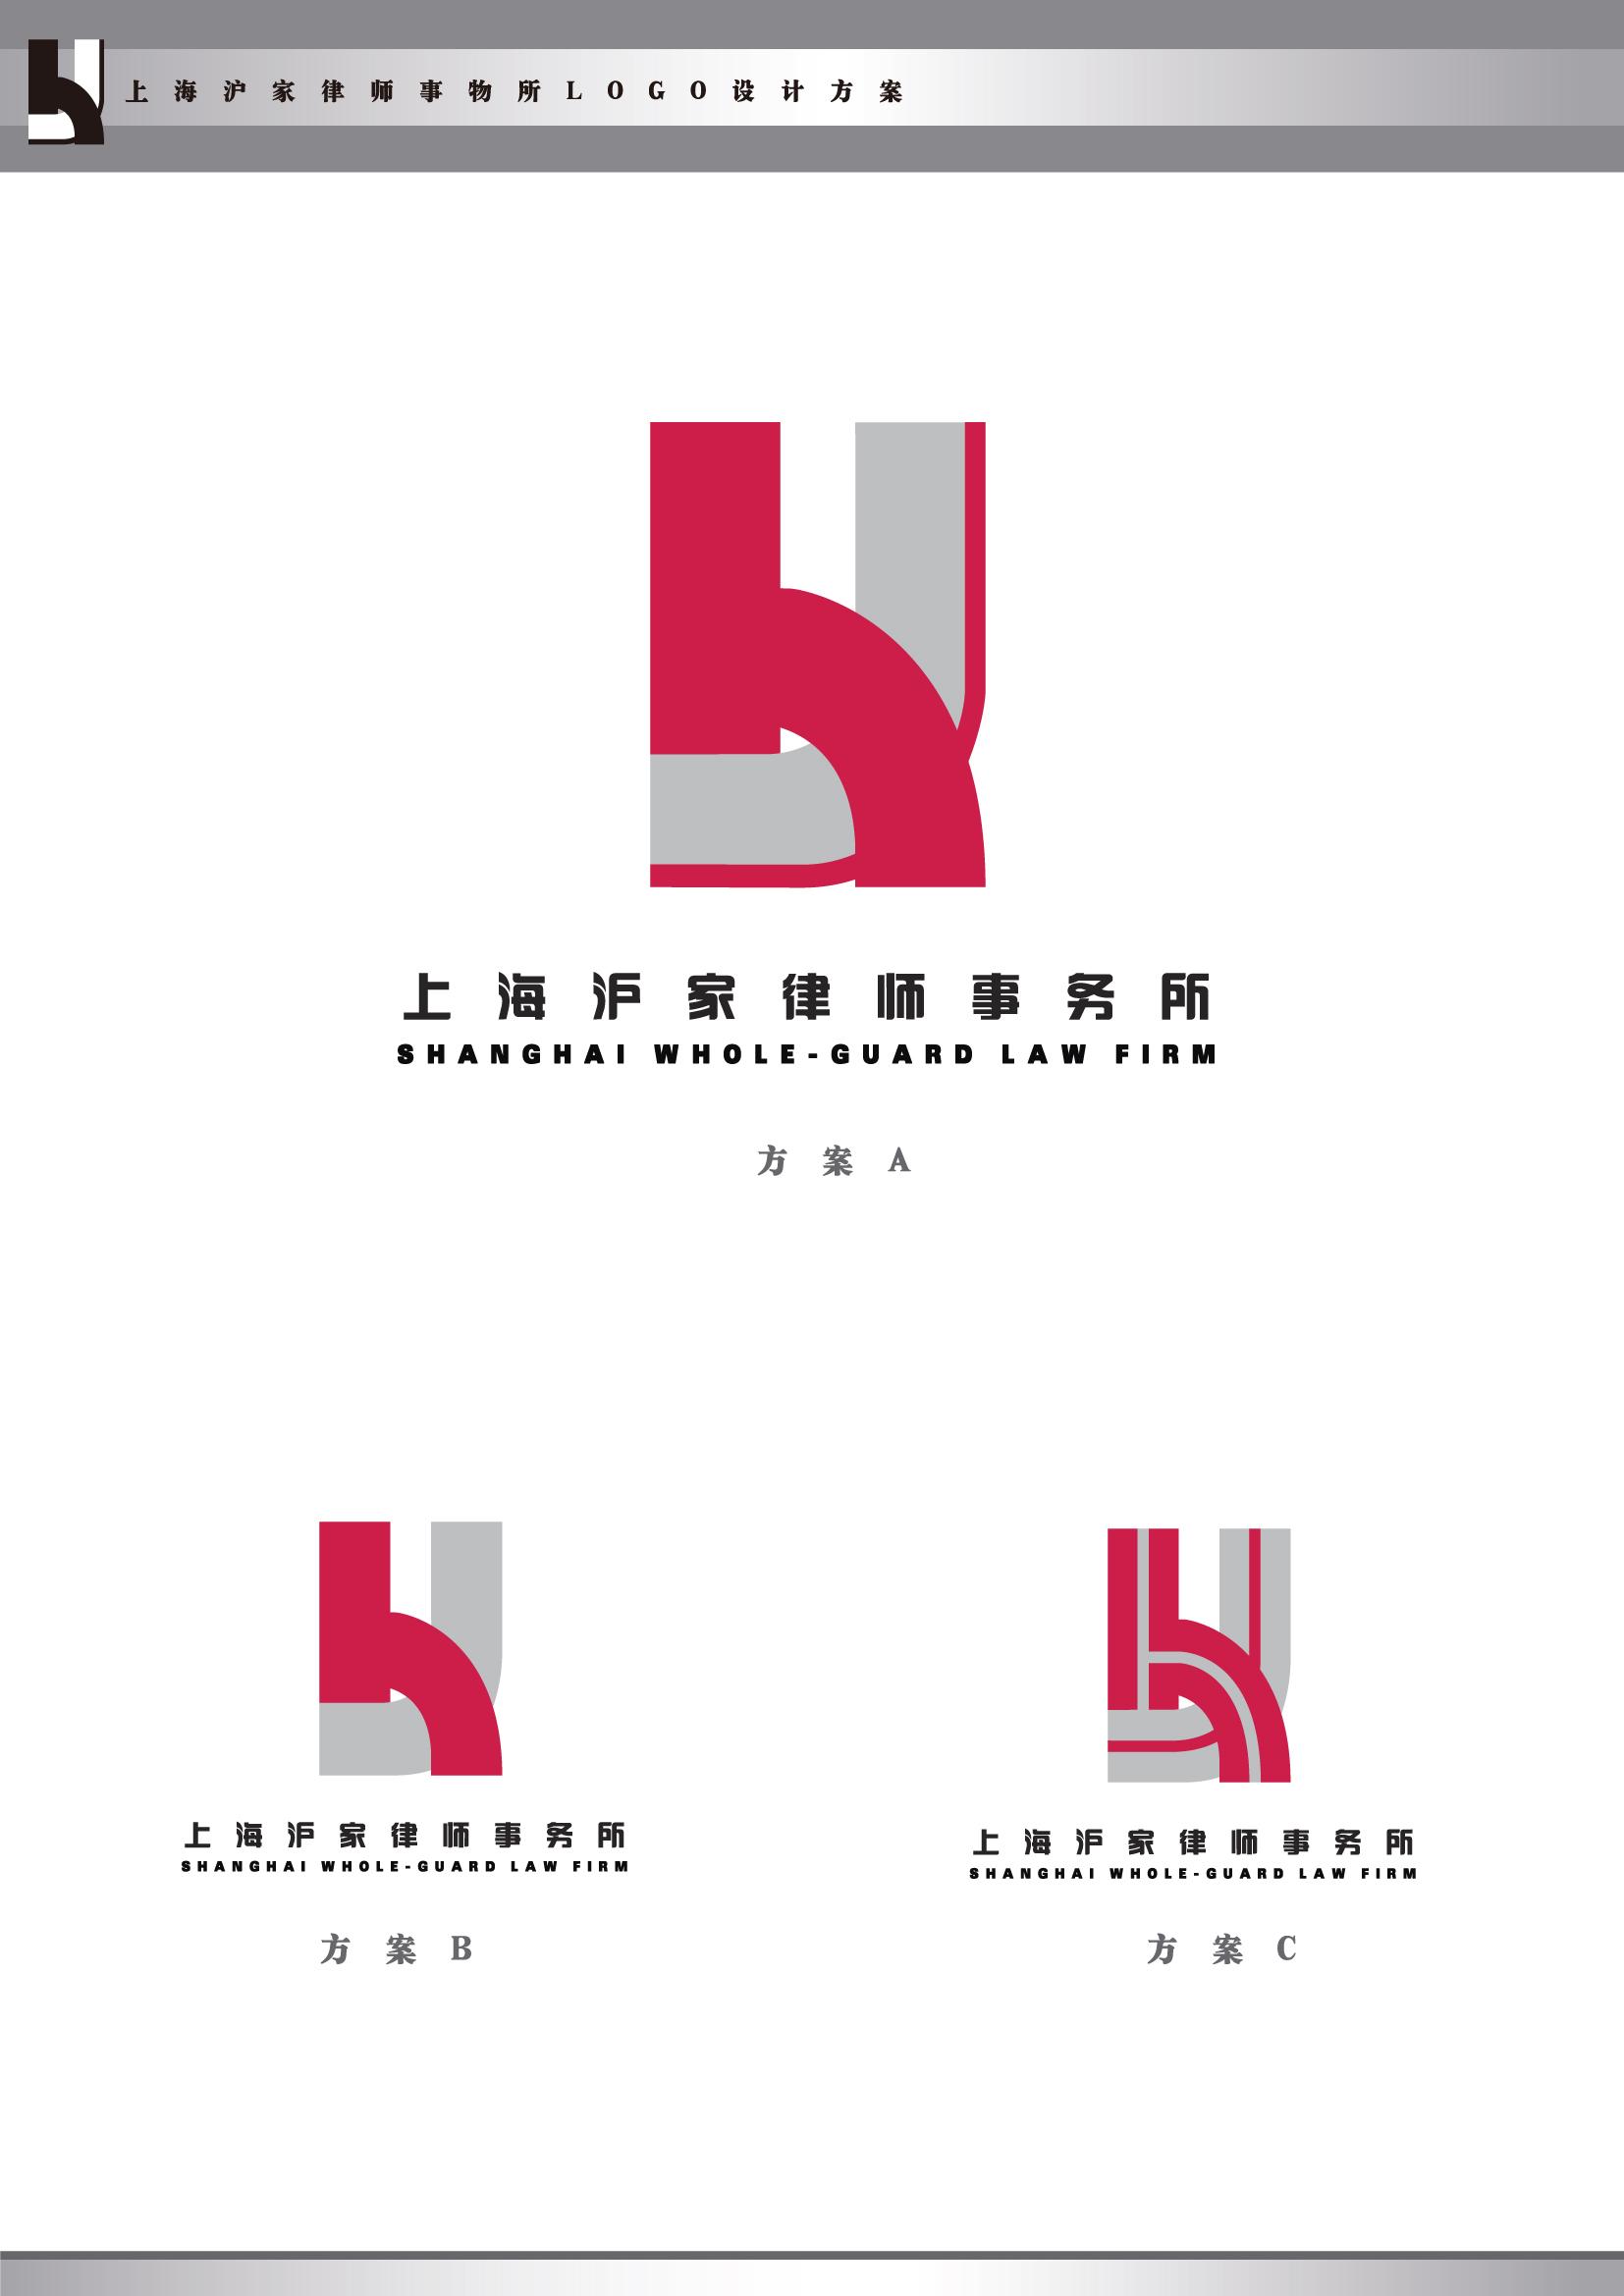 上海沪家律师事务所logo设计